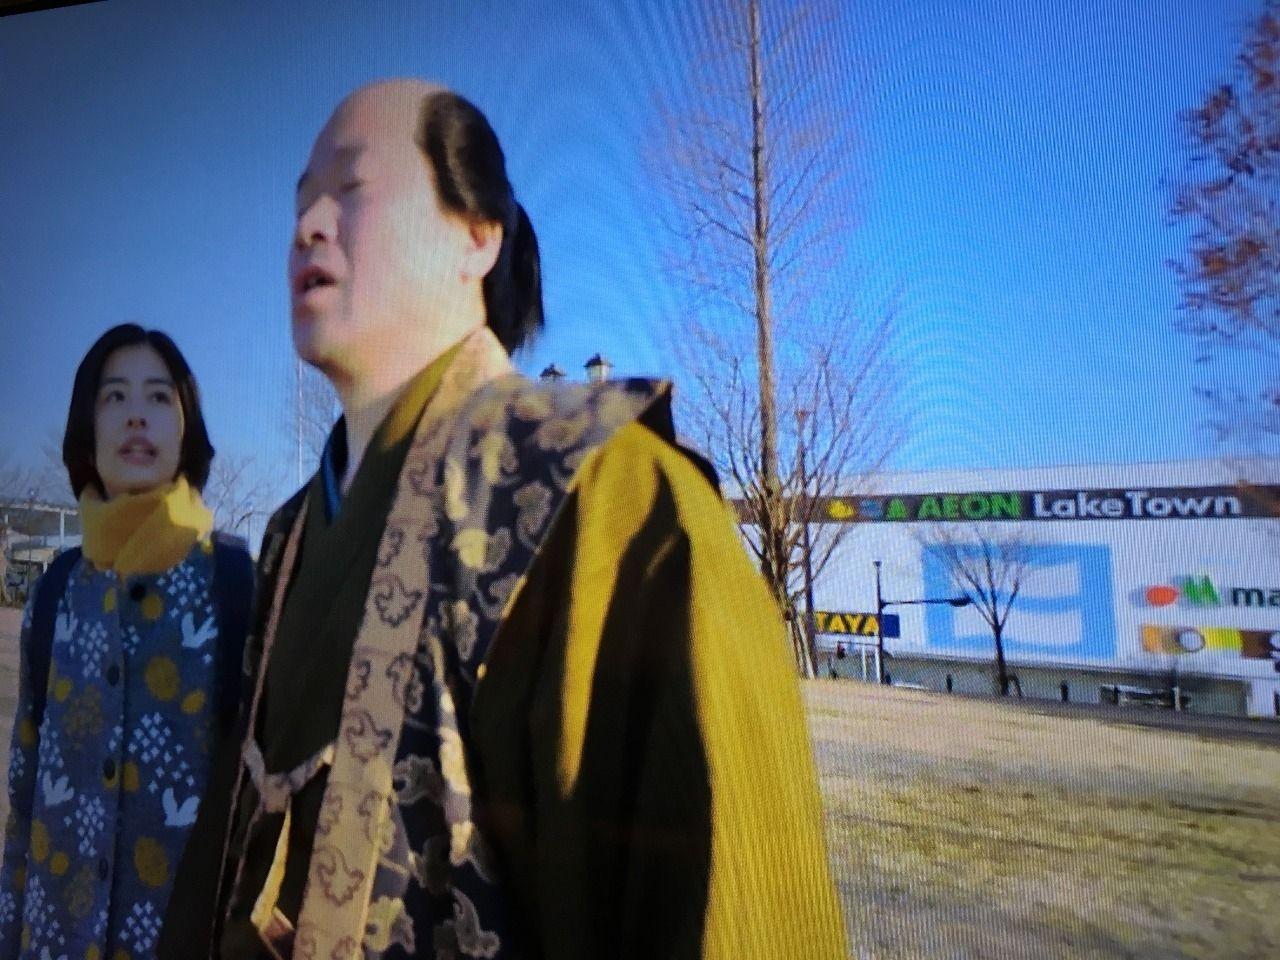 越谷サイコーのドラマでの越谷レイクタウンです!!